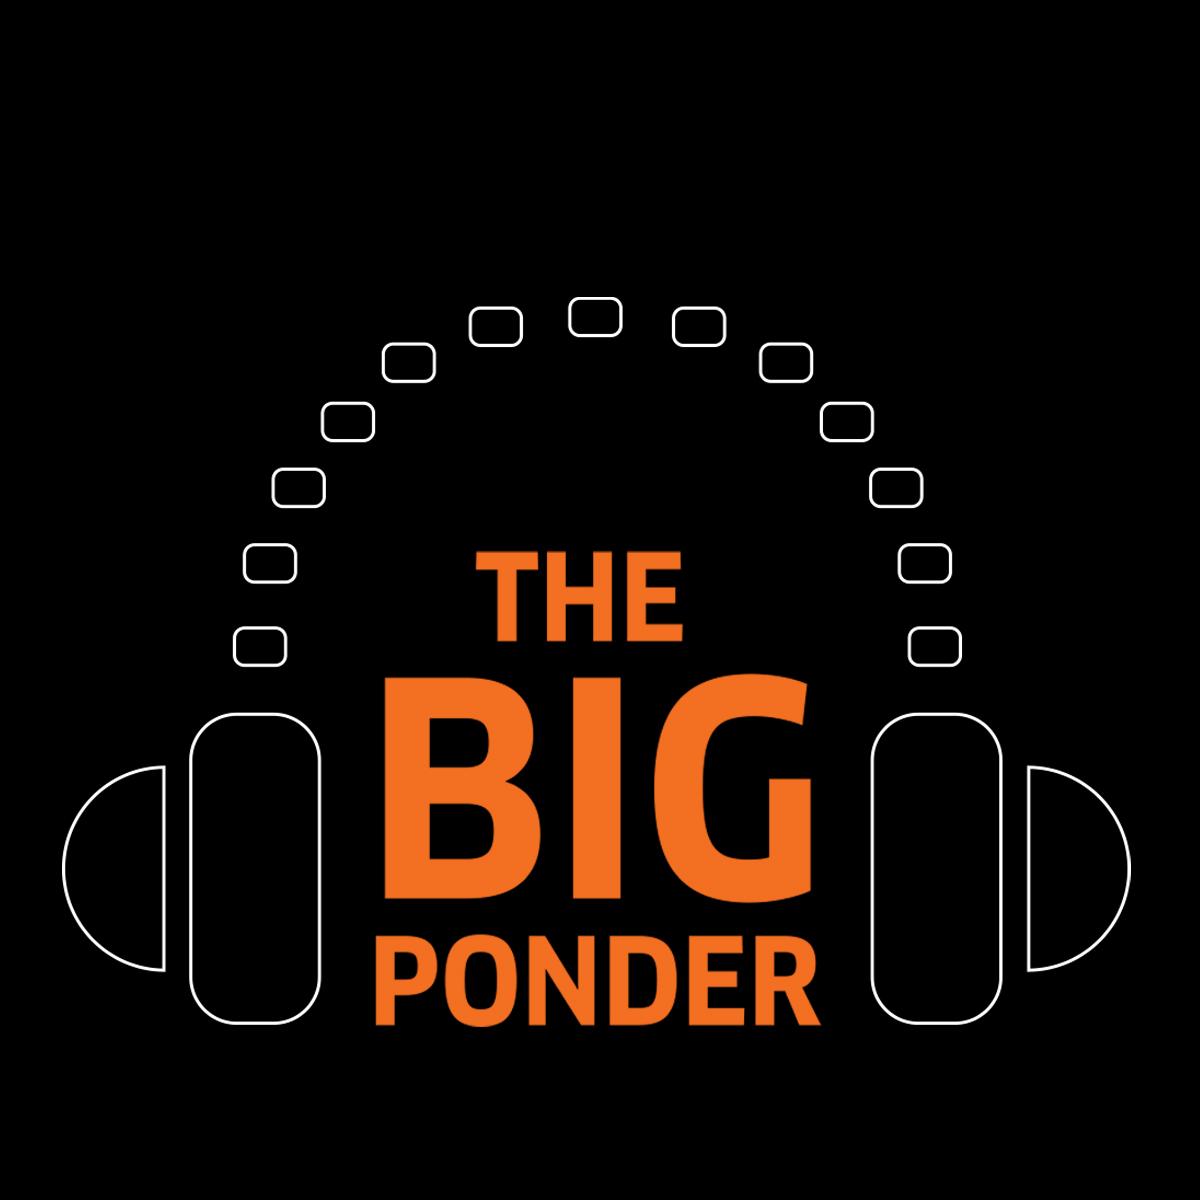 Caption: The Big Ponder, Credit: © Goethe-institut